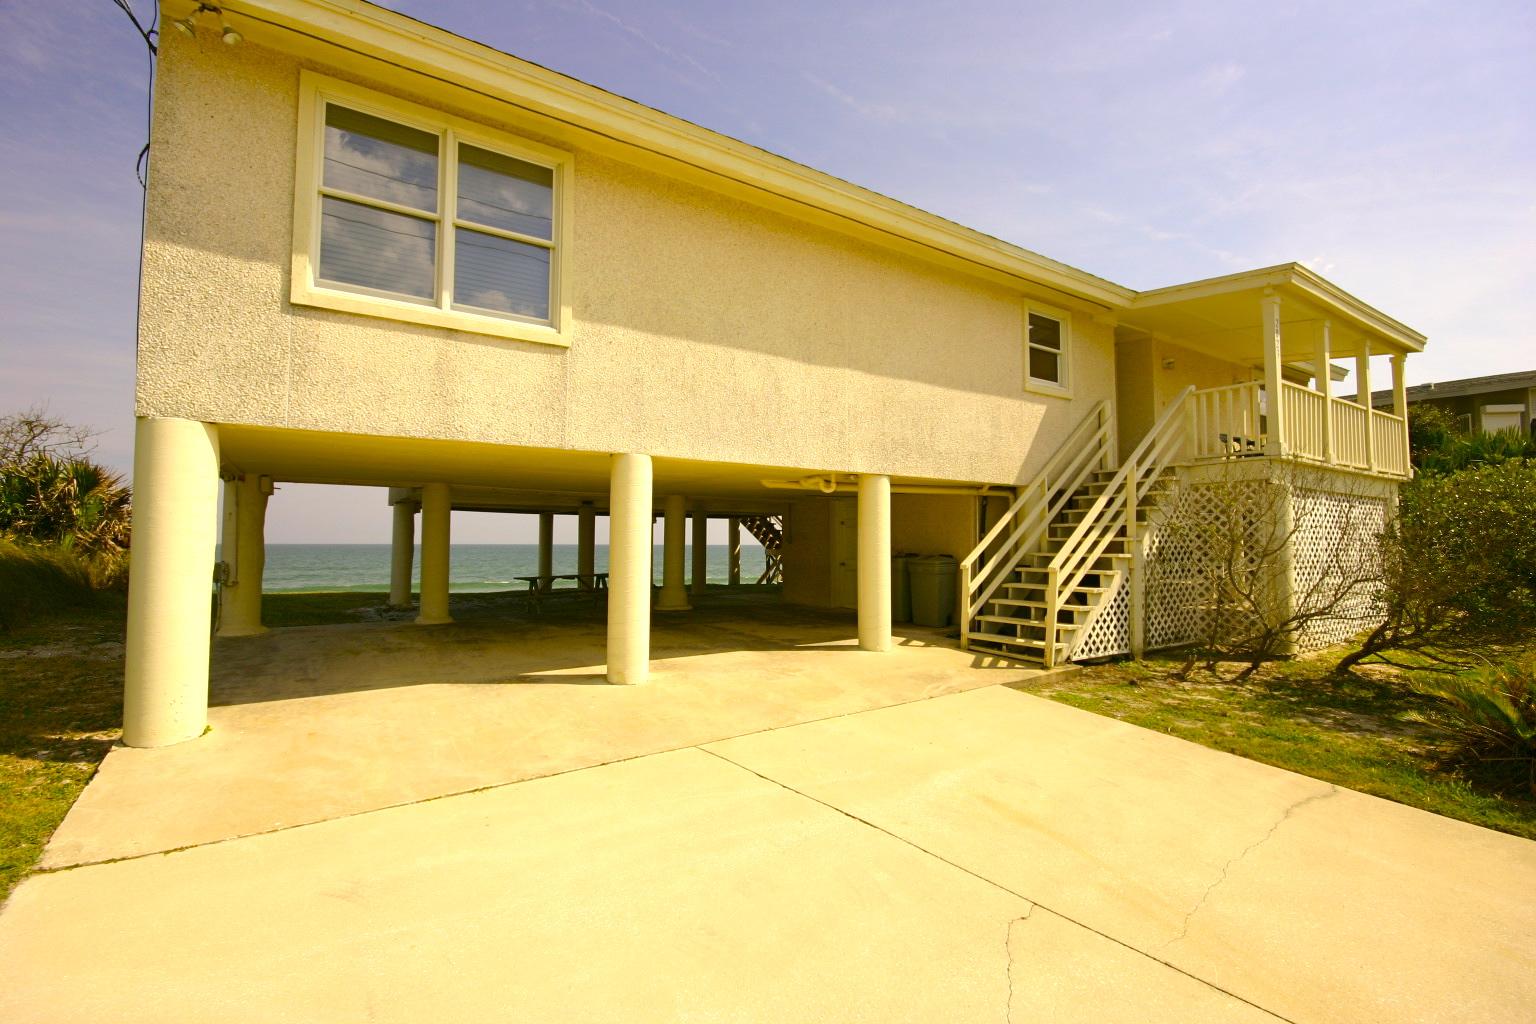 365 killer real estate deals in jacksonville florida